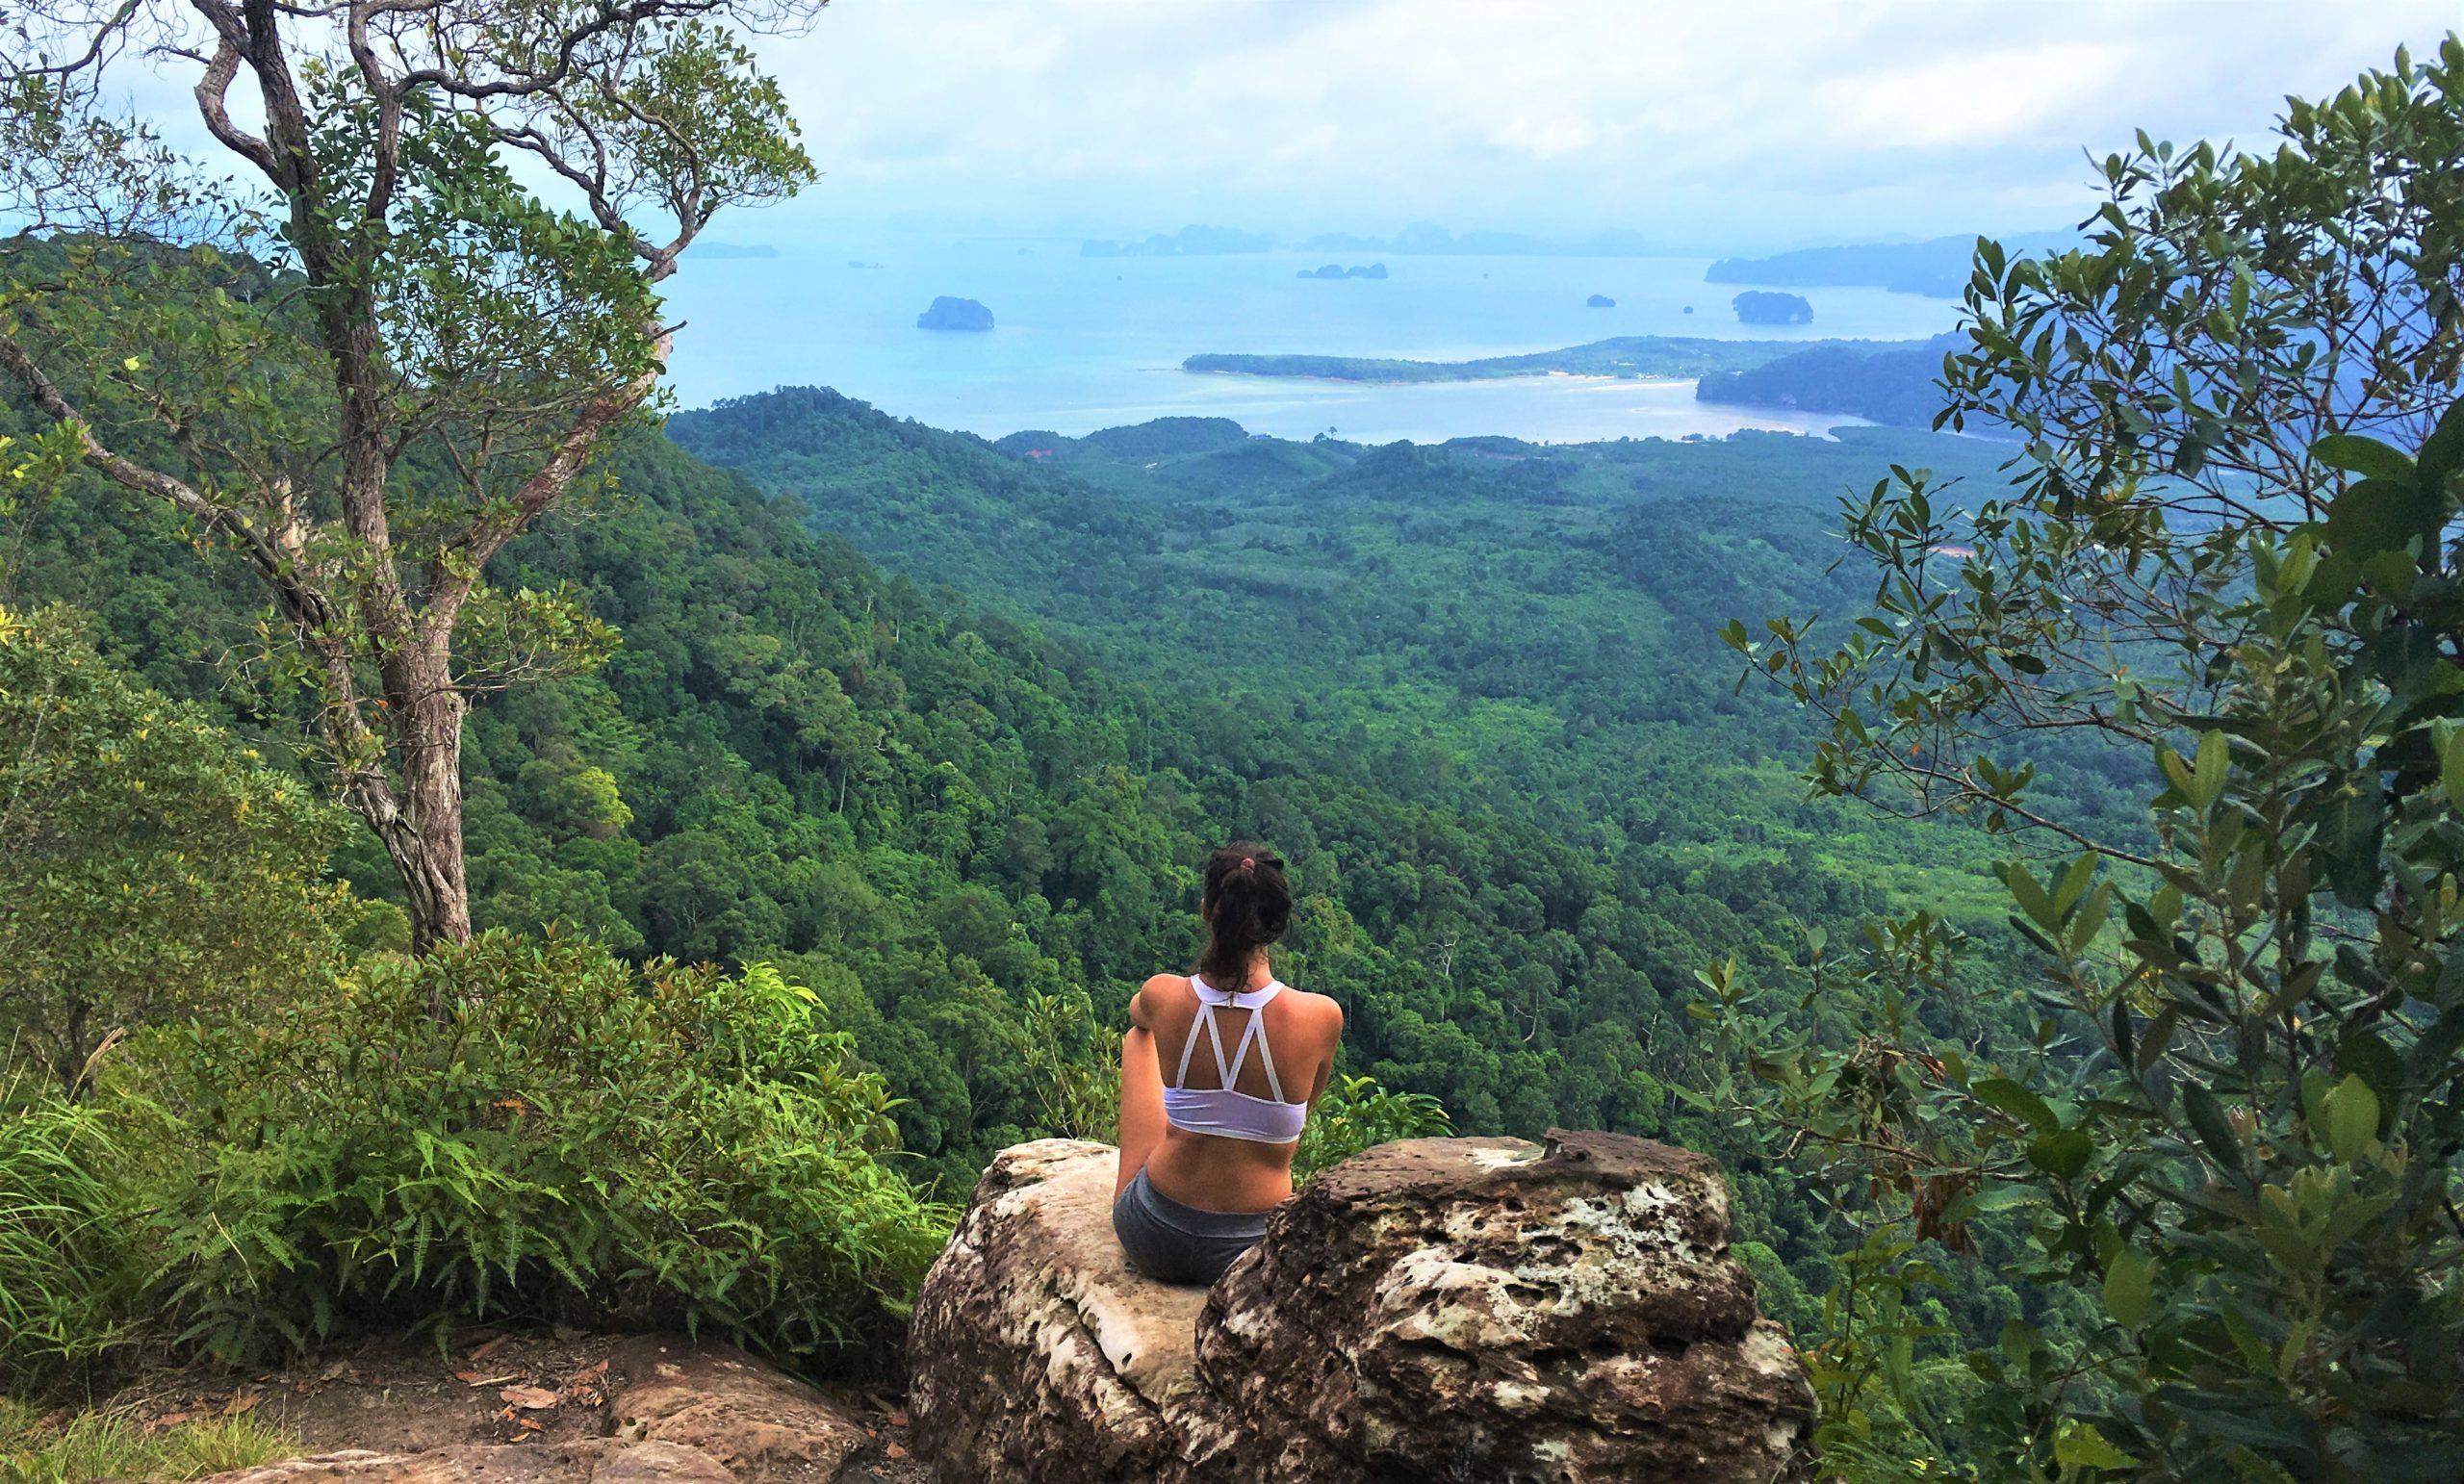 randonnée_paysage_nature_krabi_tab_kaek_trail_thailande